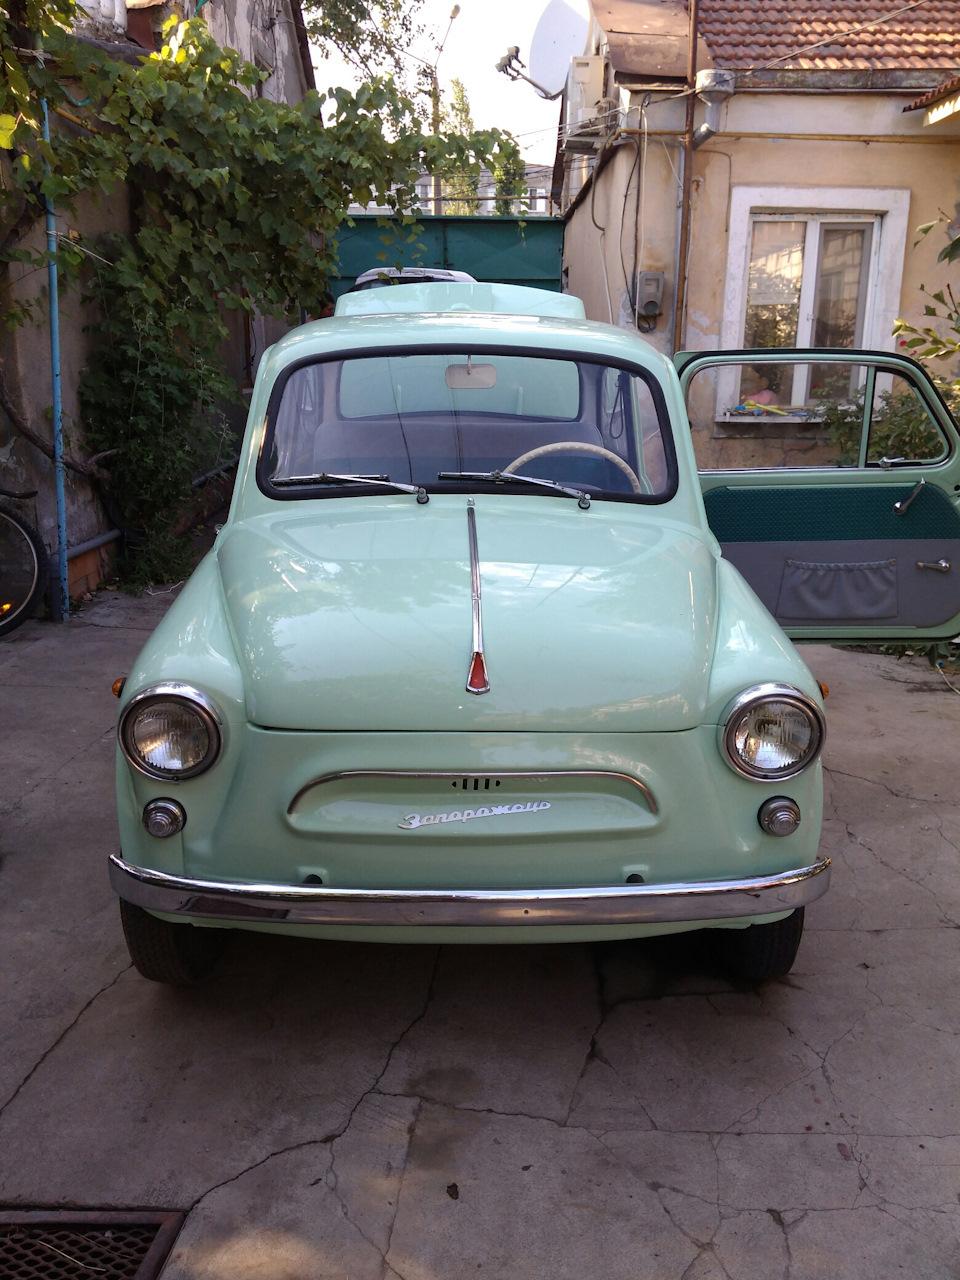 Реставрация ЗАЗ 965А 1967 года выпуска. Личный опыт